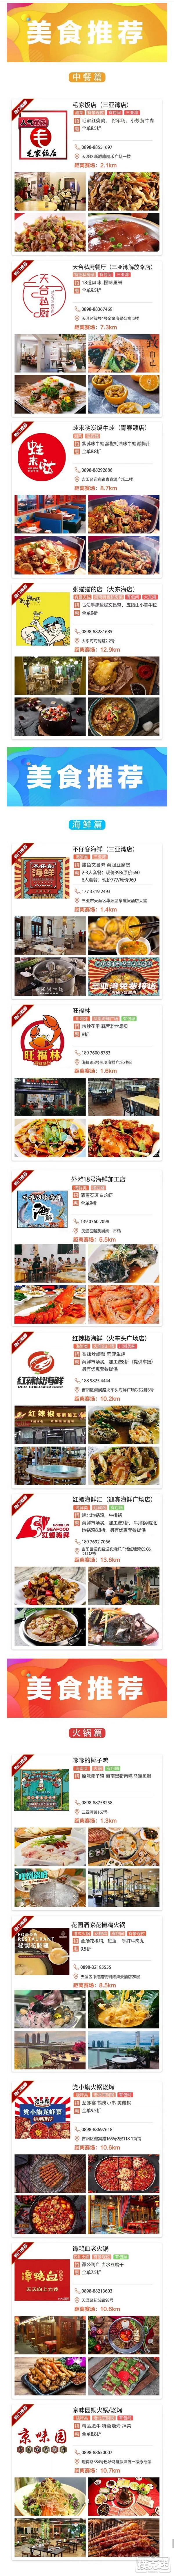 2020CPG®三亚总决赛美食、旅游景点推荐